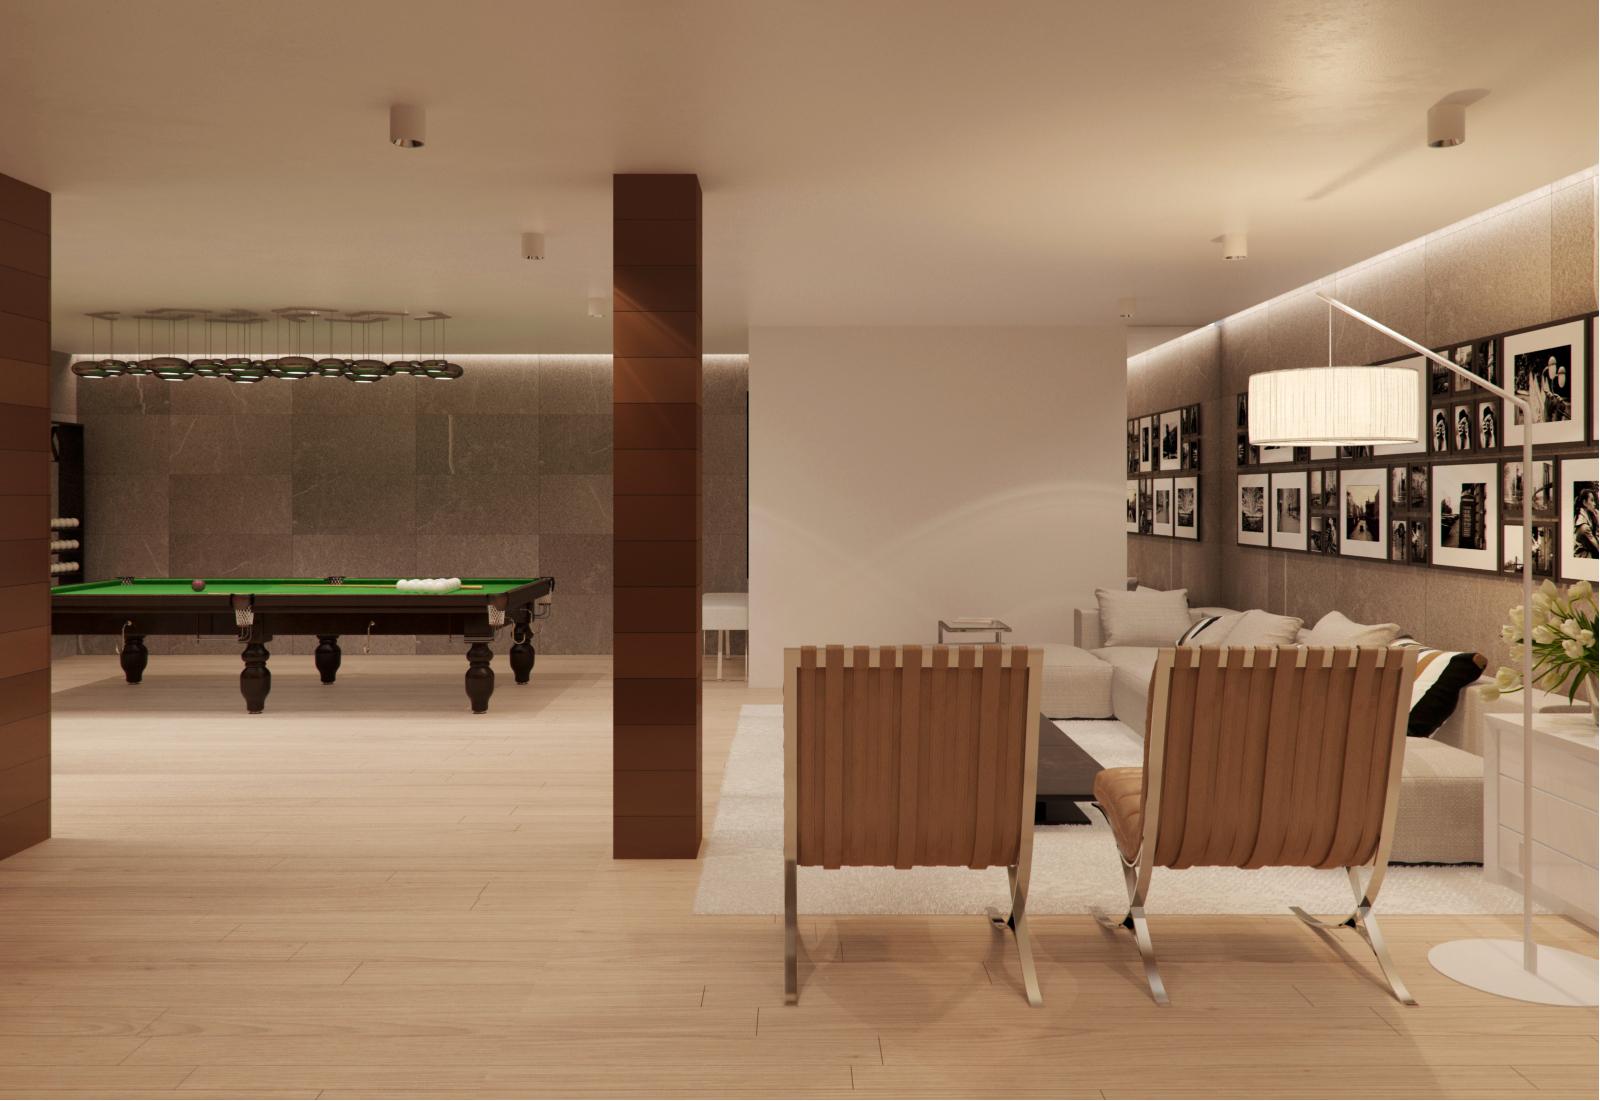 Wedo thiết kế nội thất nhà đẹp, sang trọng với gỗ và đá